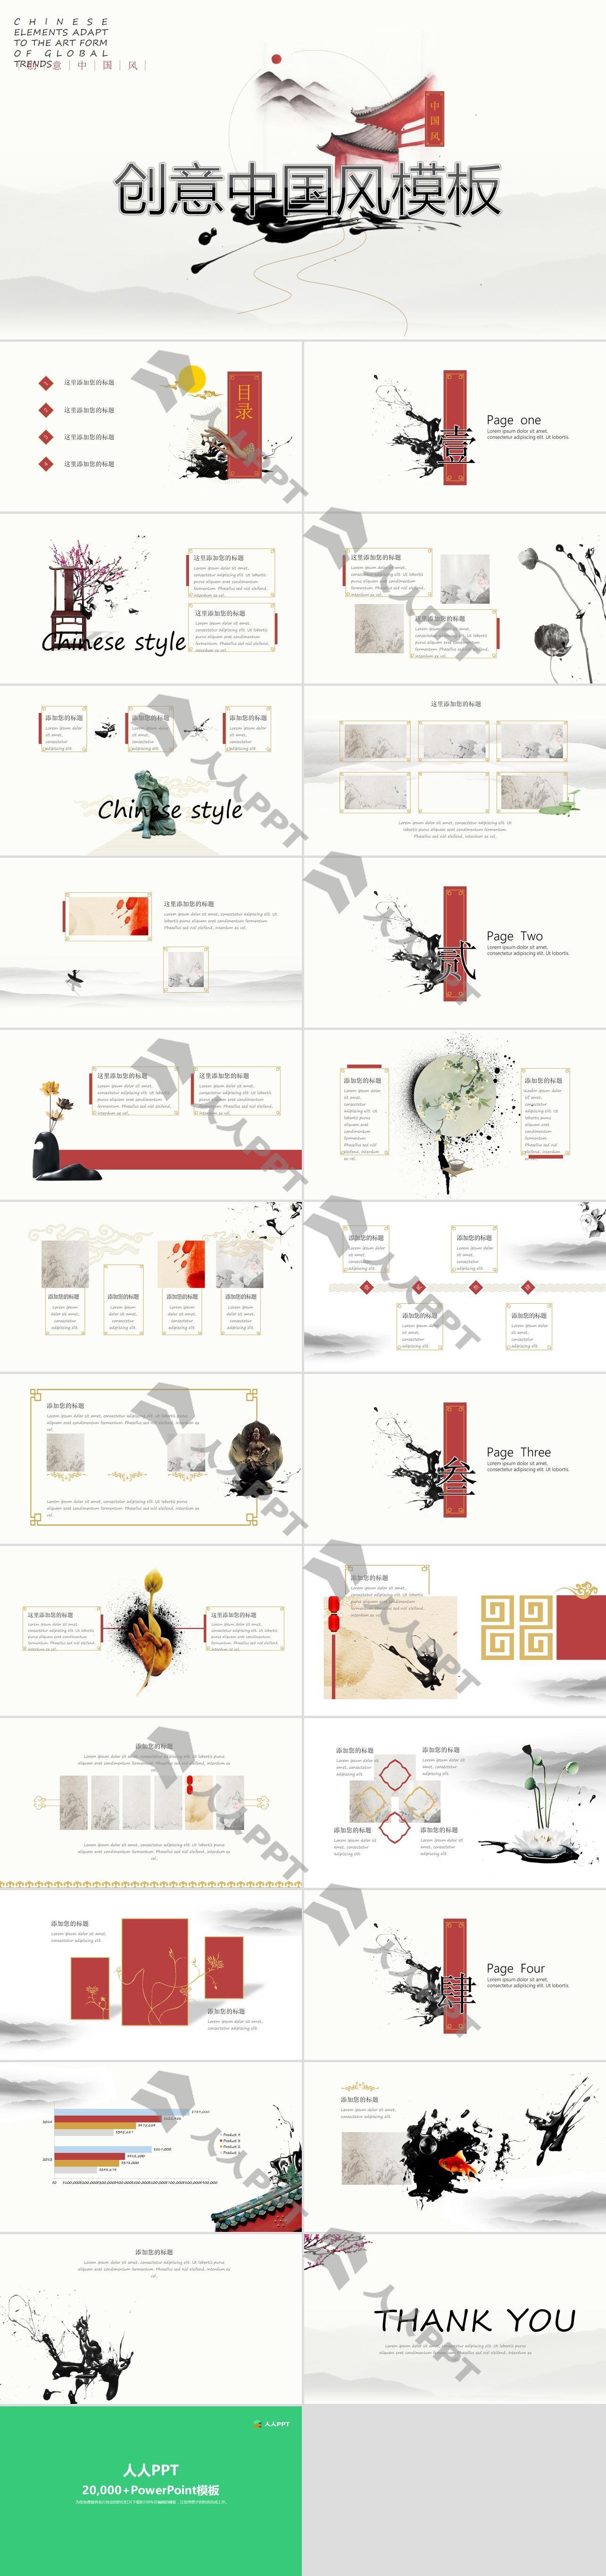 精致创意中国风PPT模板长图